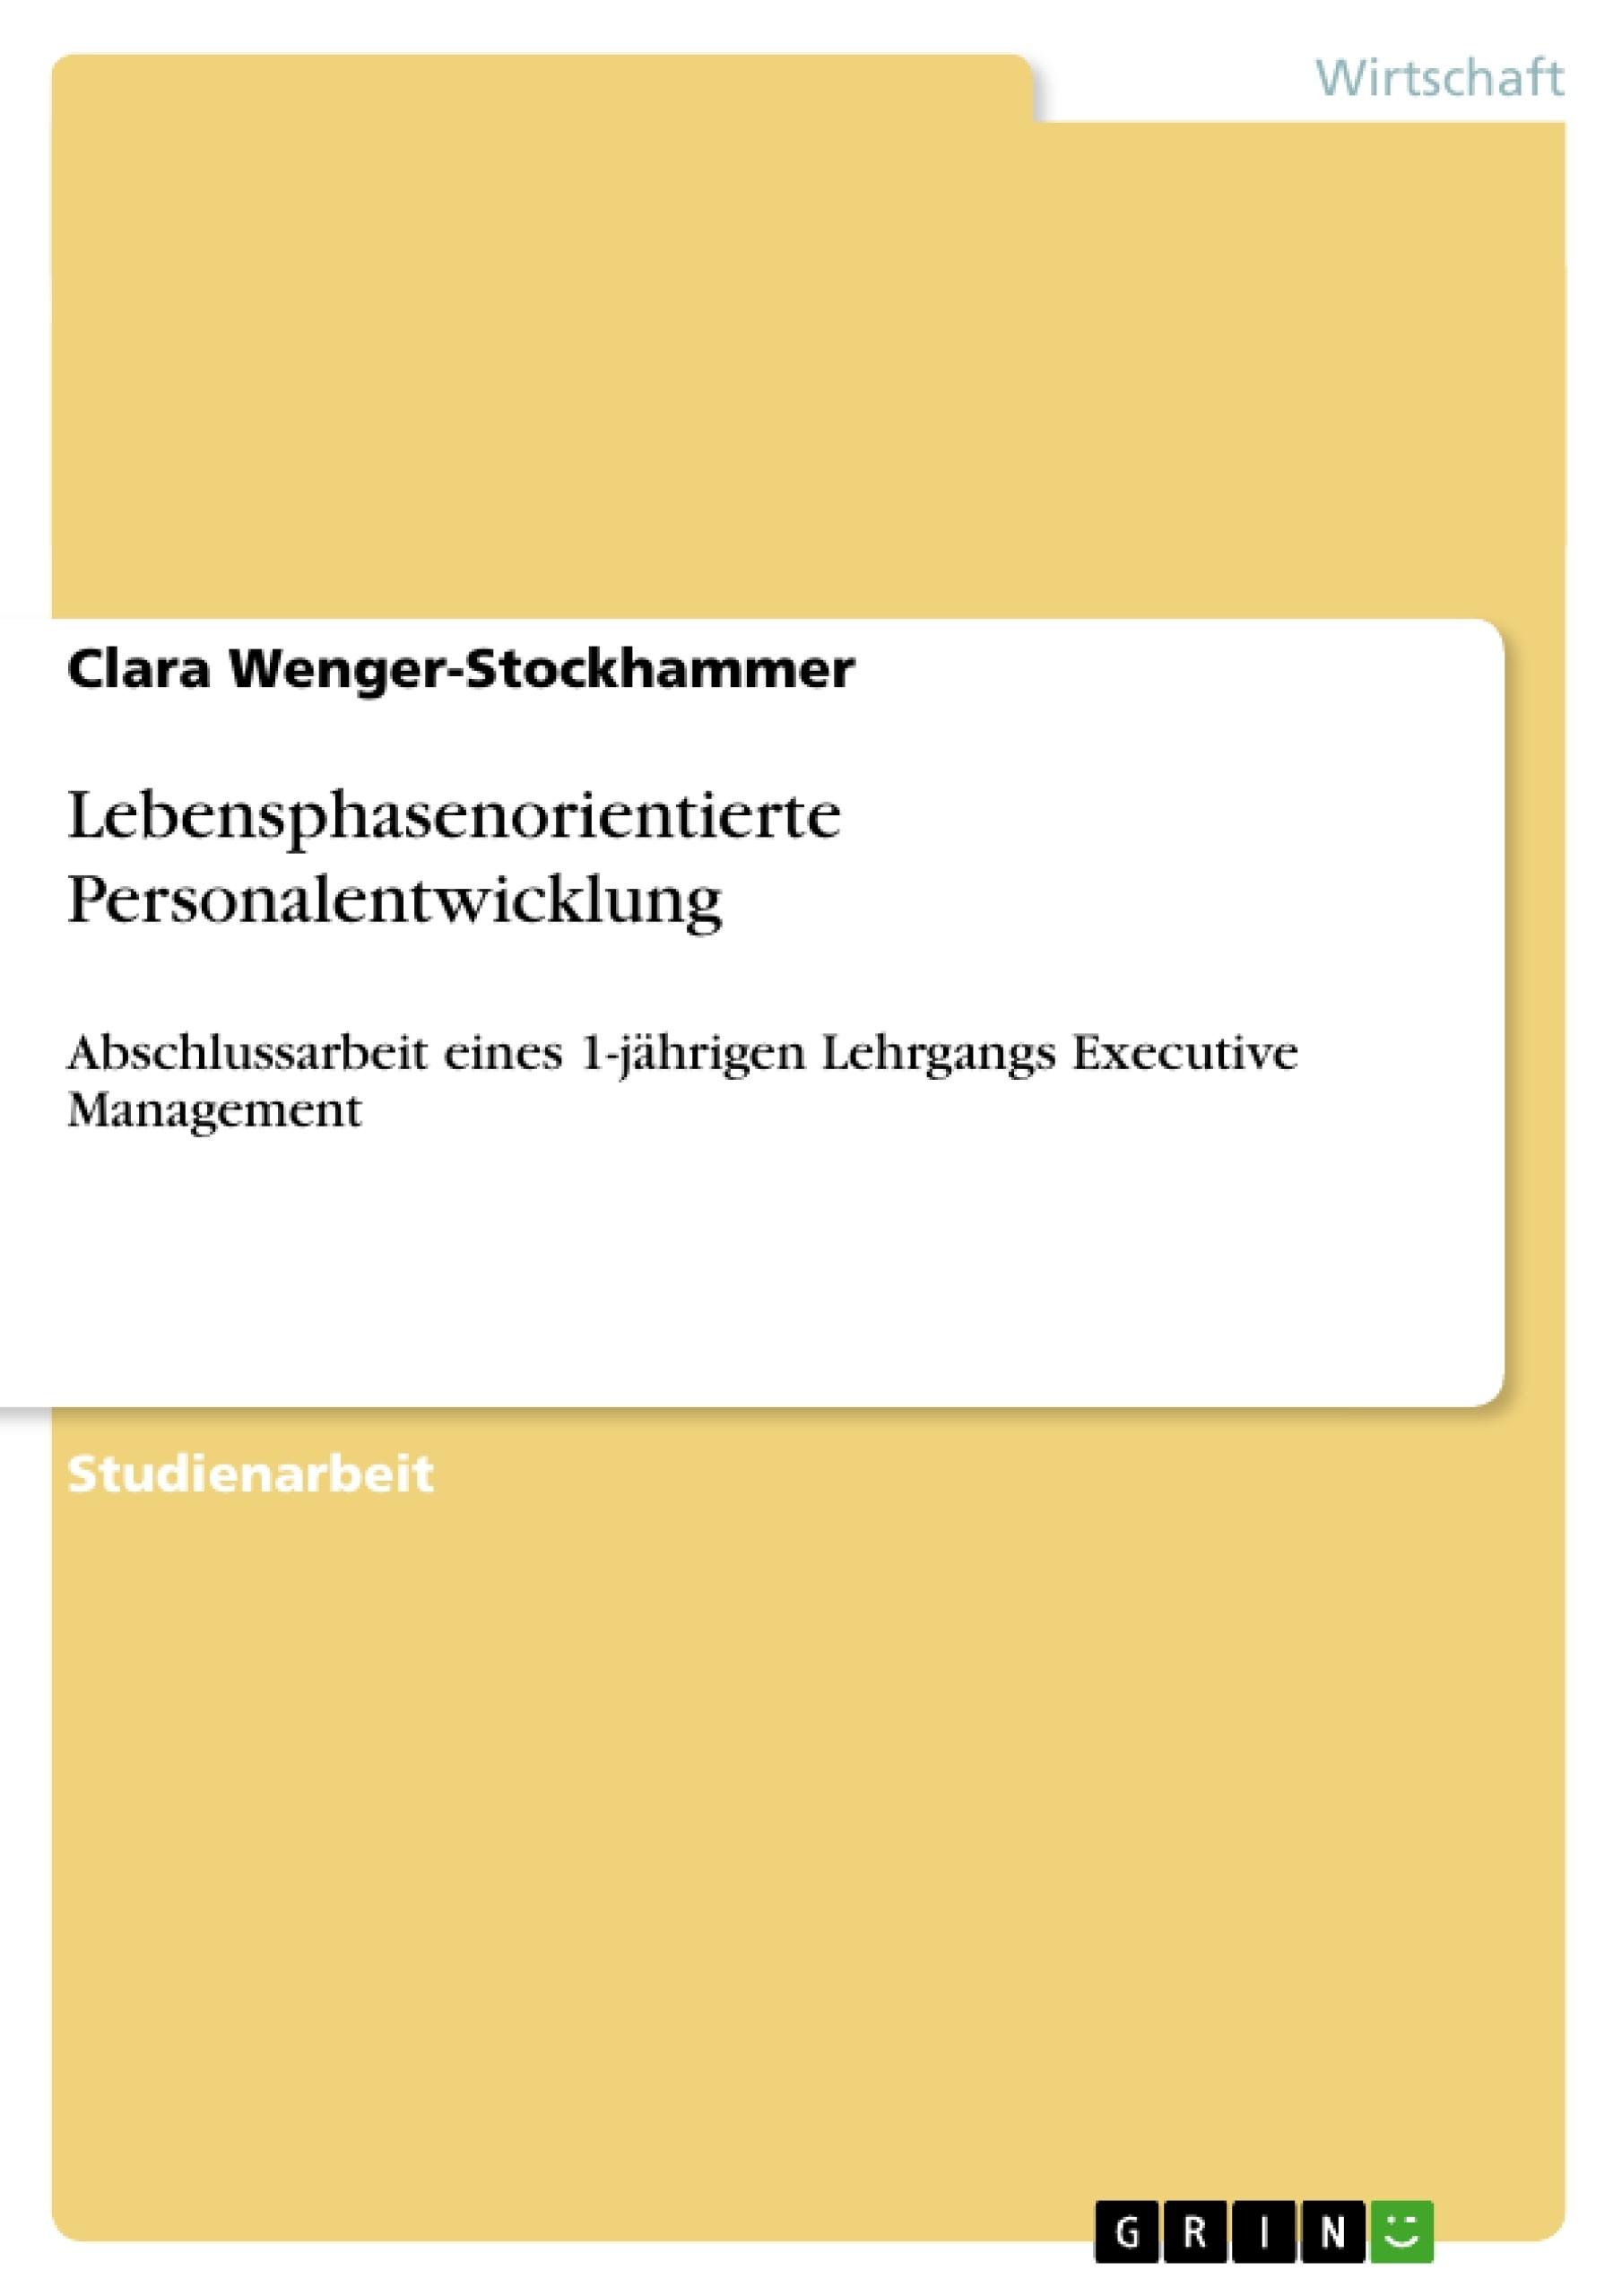 Titel: Lebensphasenorientierte Personalentwicklung